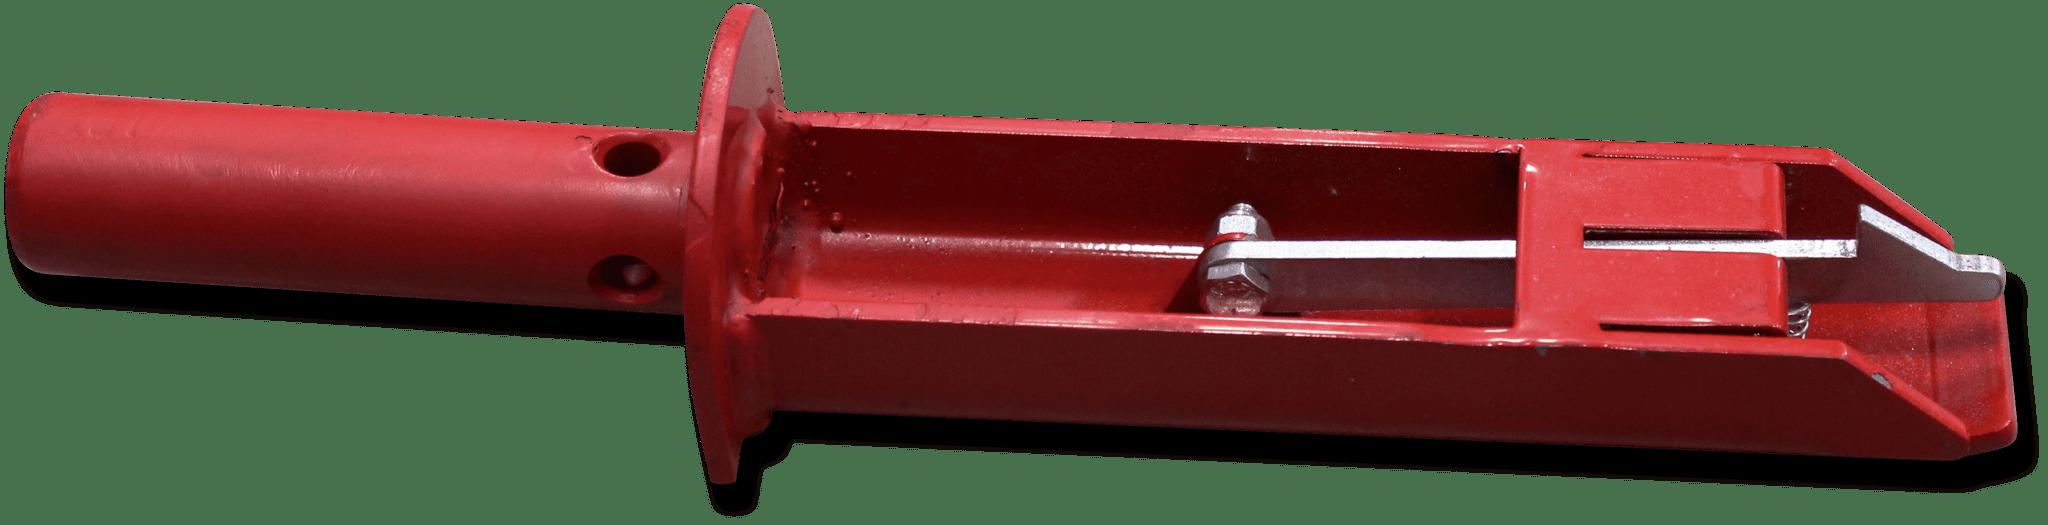 Red box lift adapter peg.